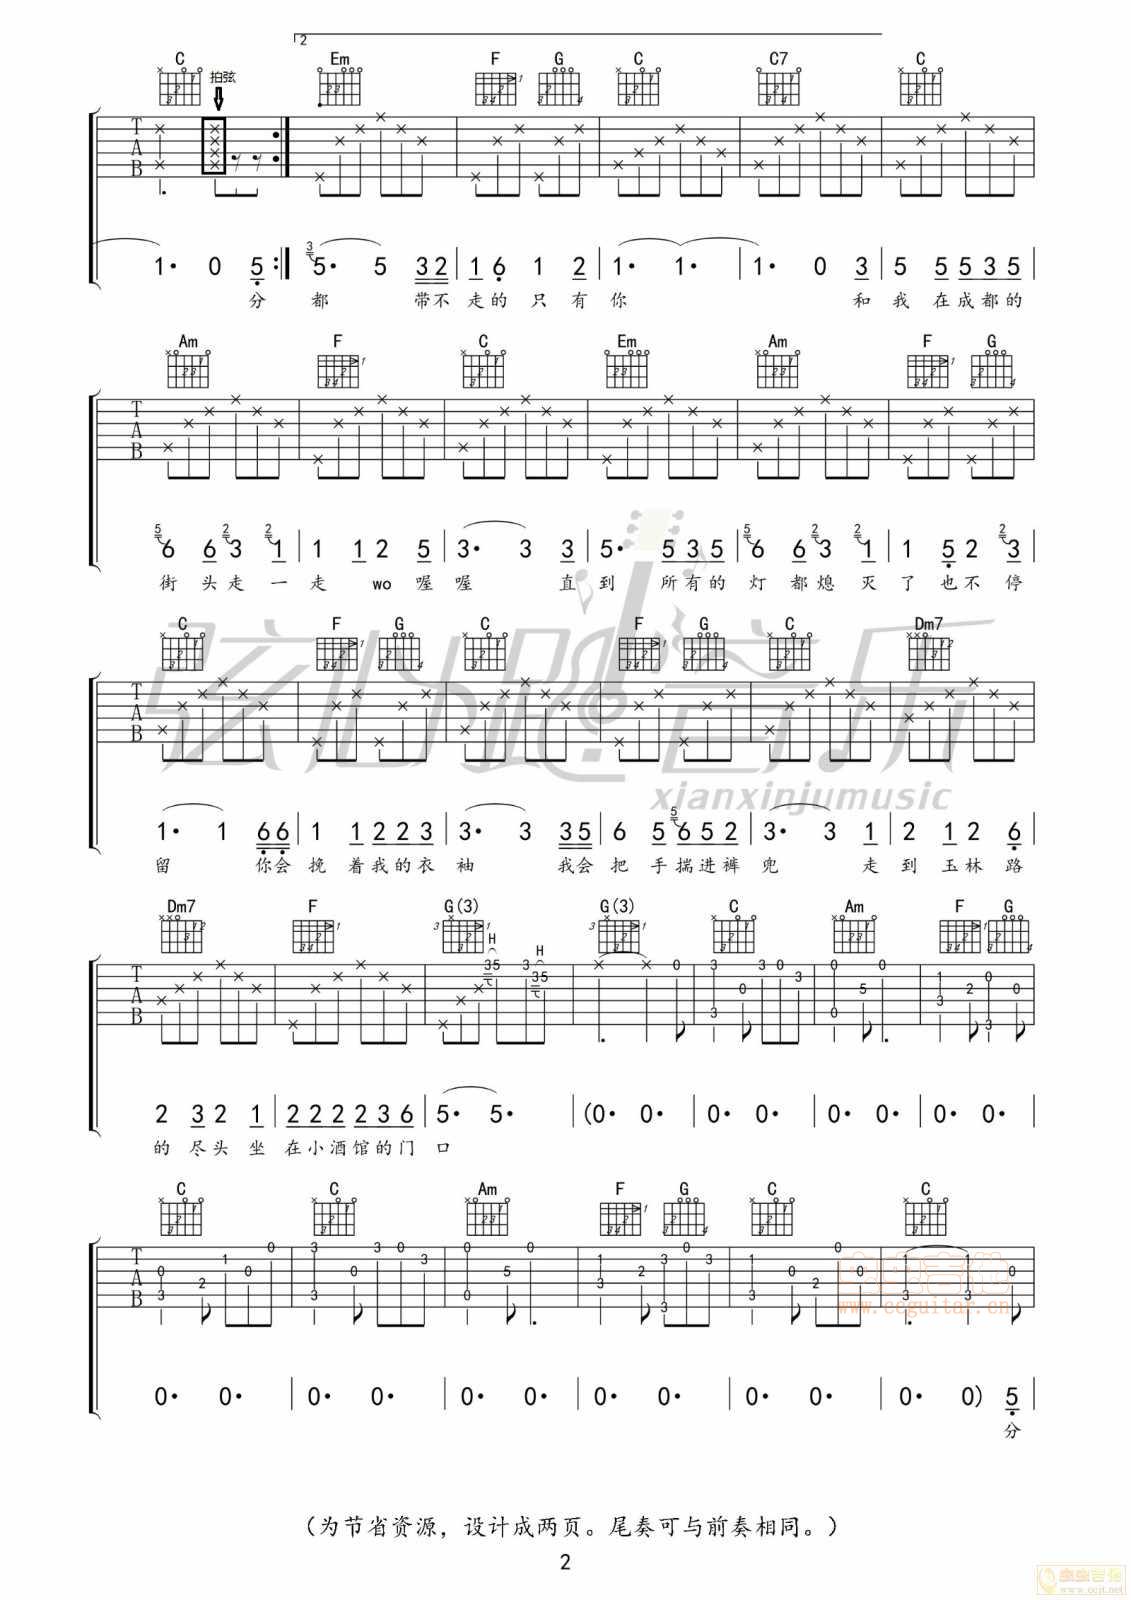 二胡锡剧玲玲调谱子-赵雷 成都 C调六线吉他谱 虫虫吉他谱免费下载